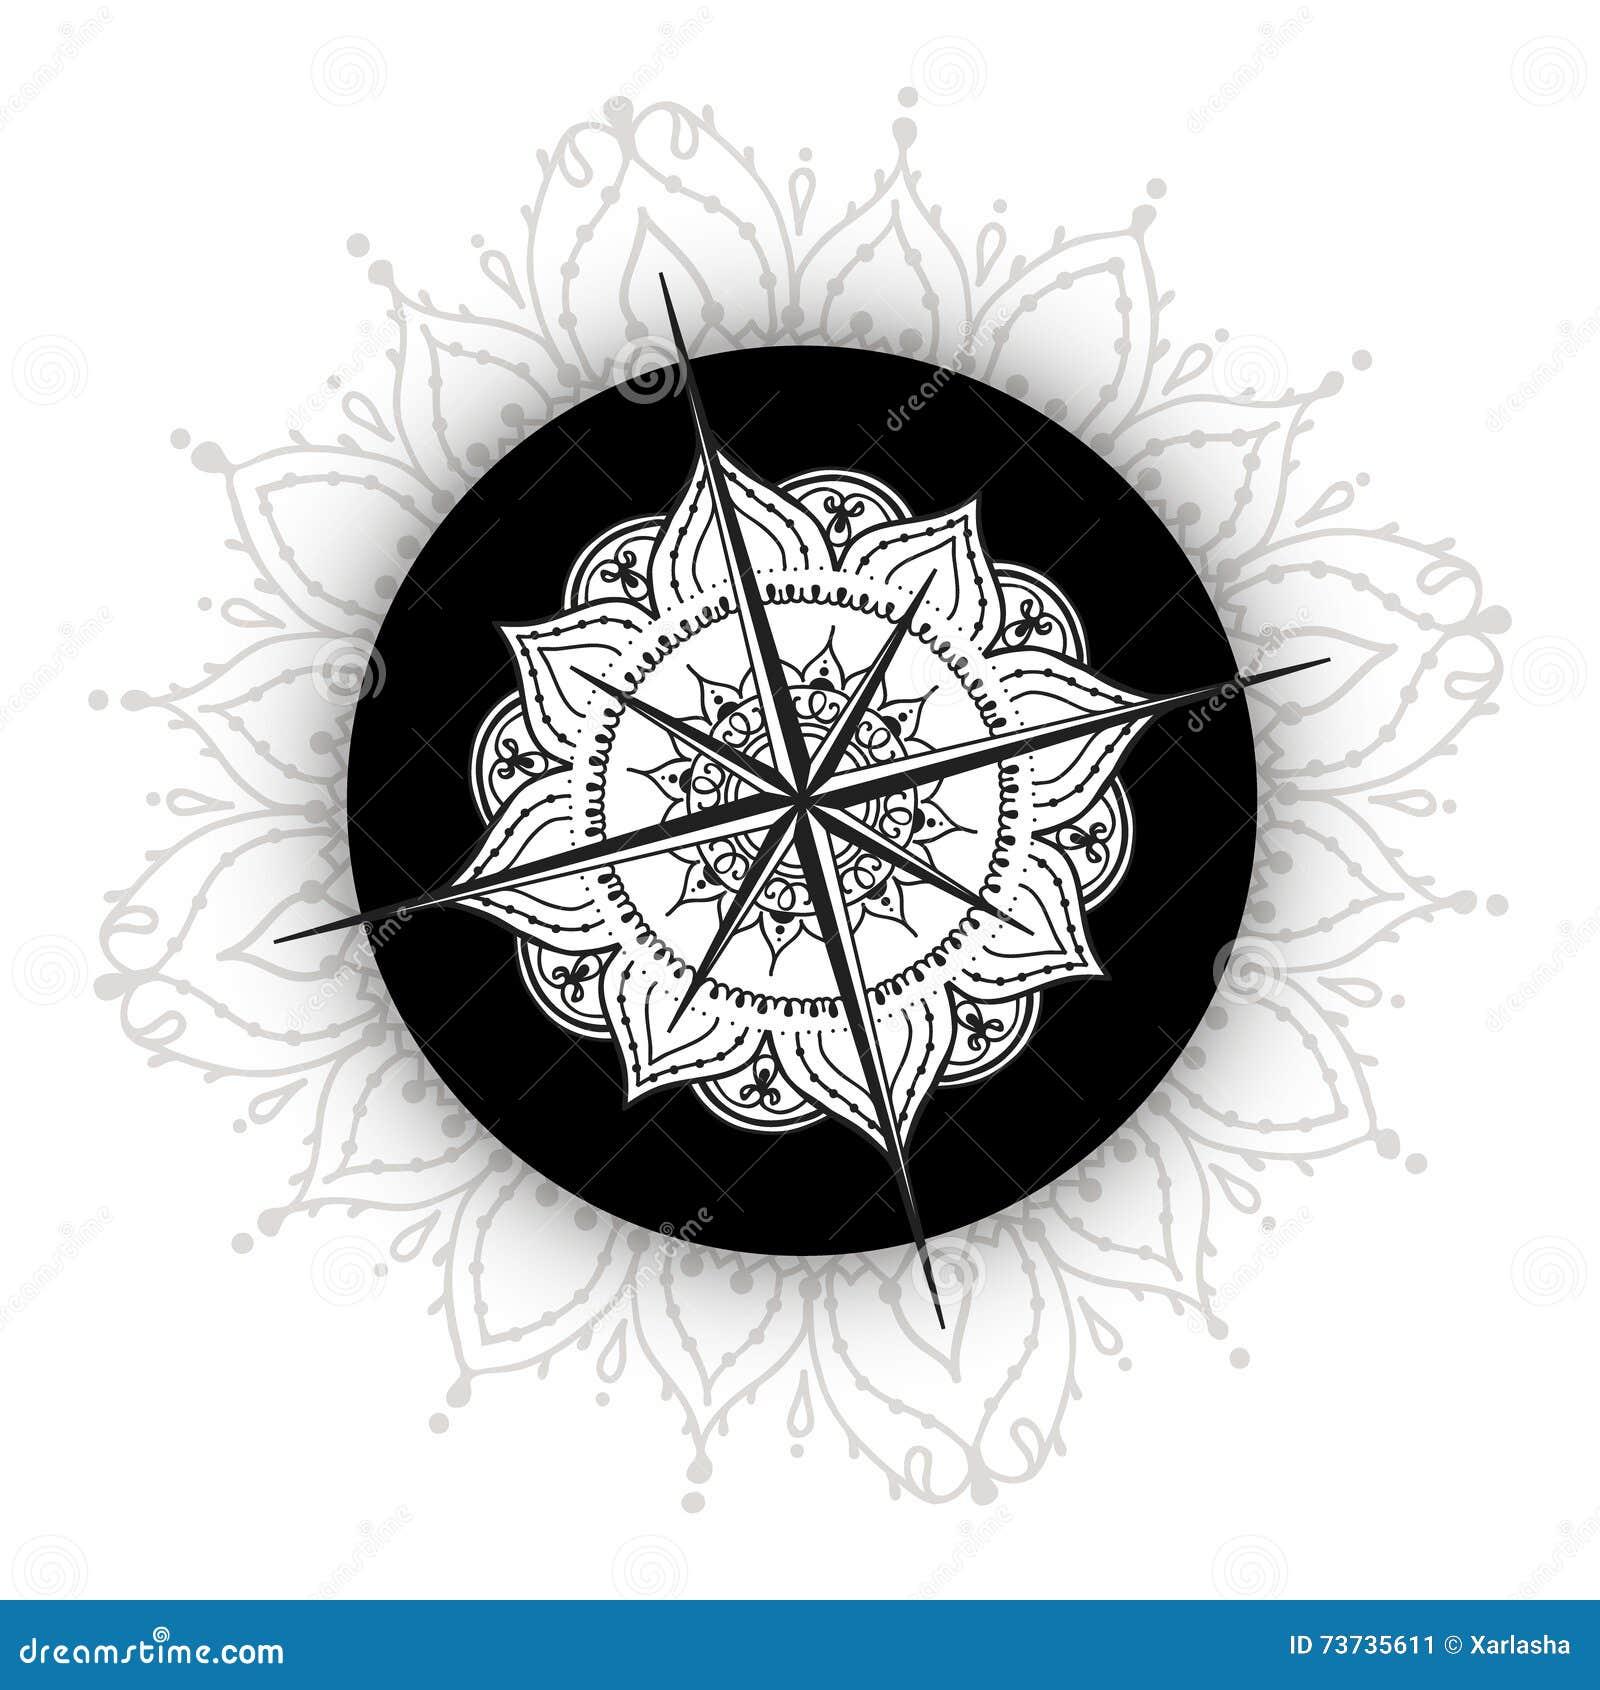 Boussole Rose De Vent Graphique Dessinee Avec Les Elements Floraux